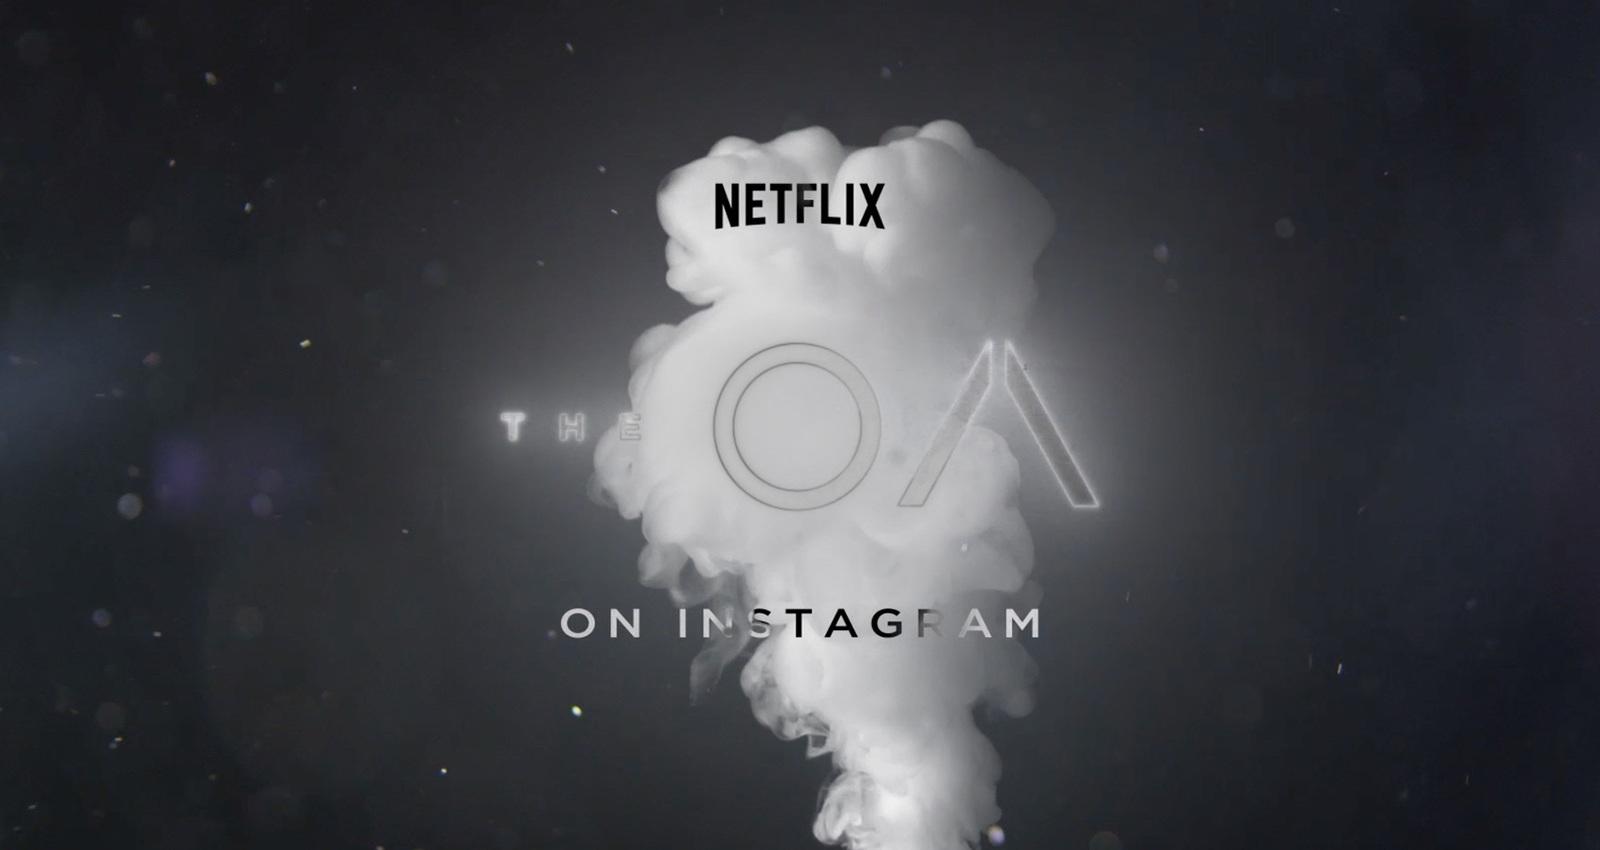 Netflix: The OA